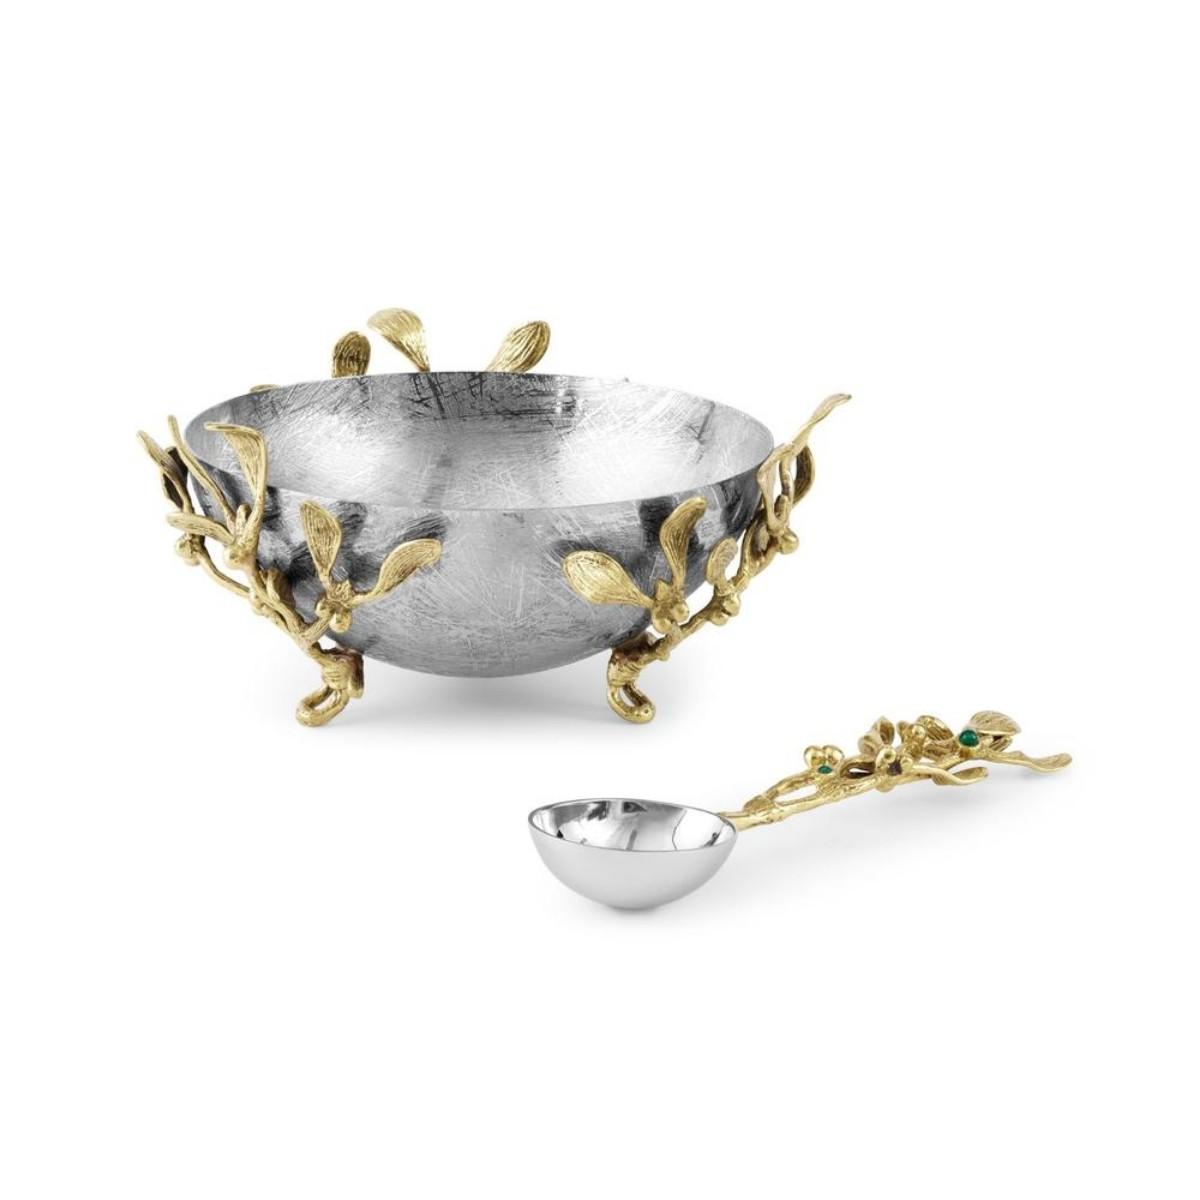 Michael Aram I Mistletoe Small Dish w/ Spoon